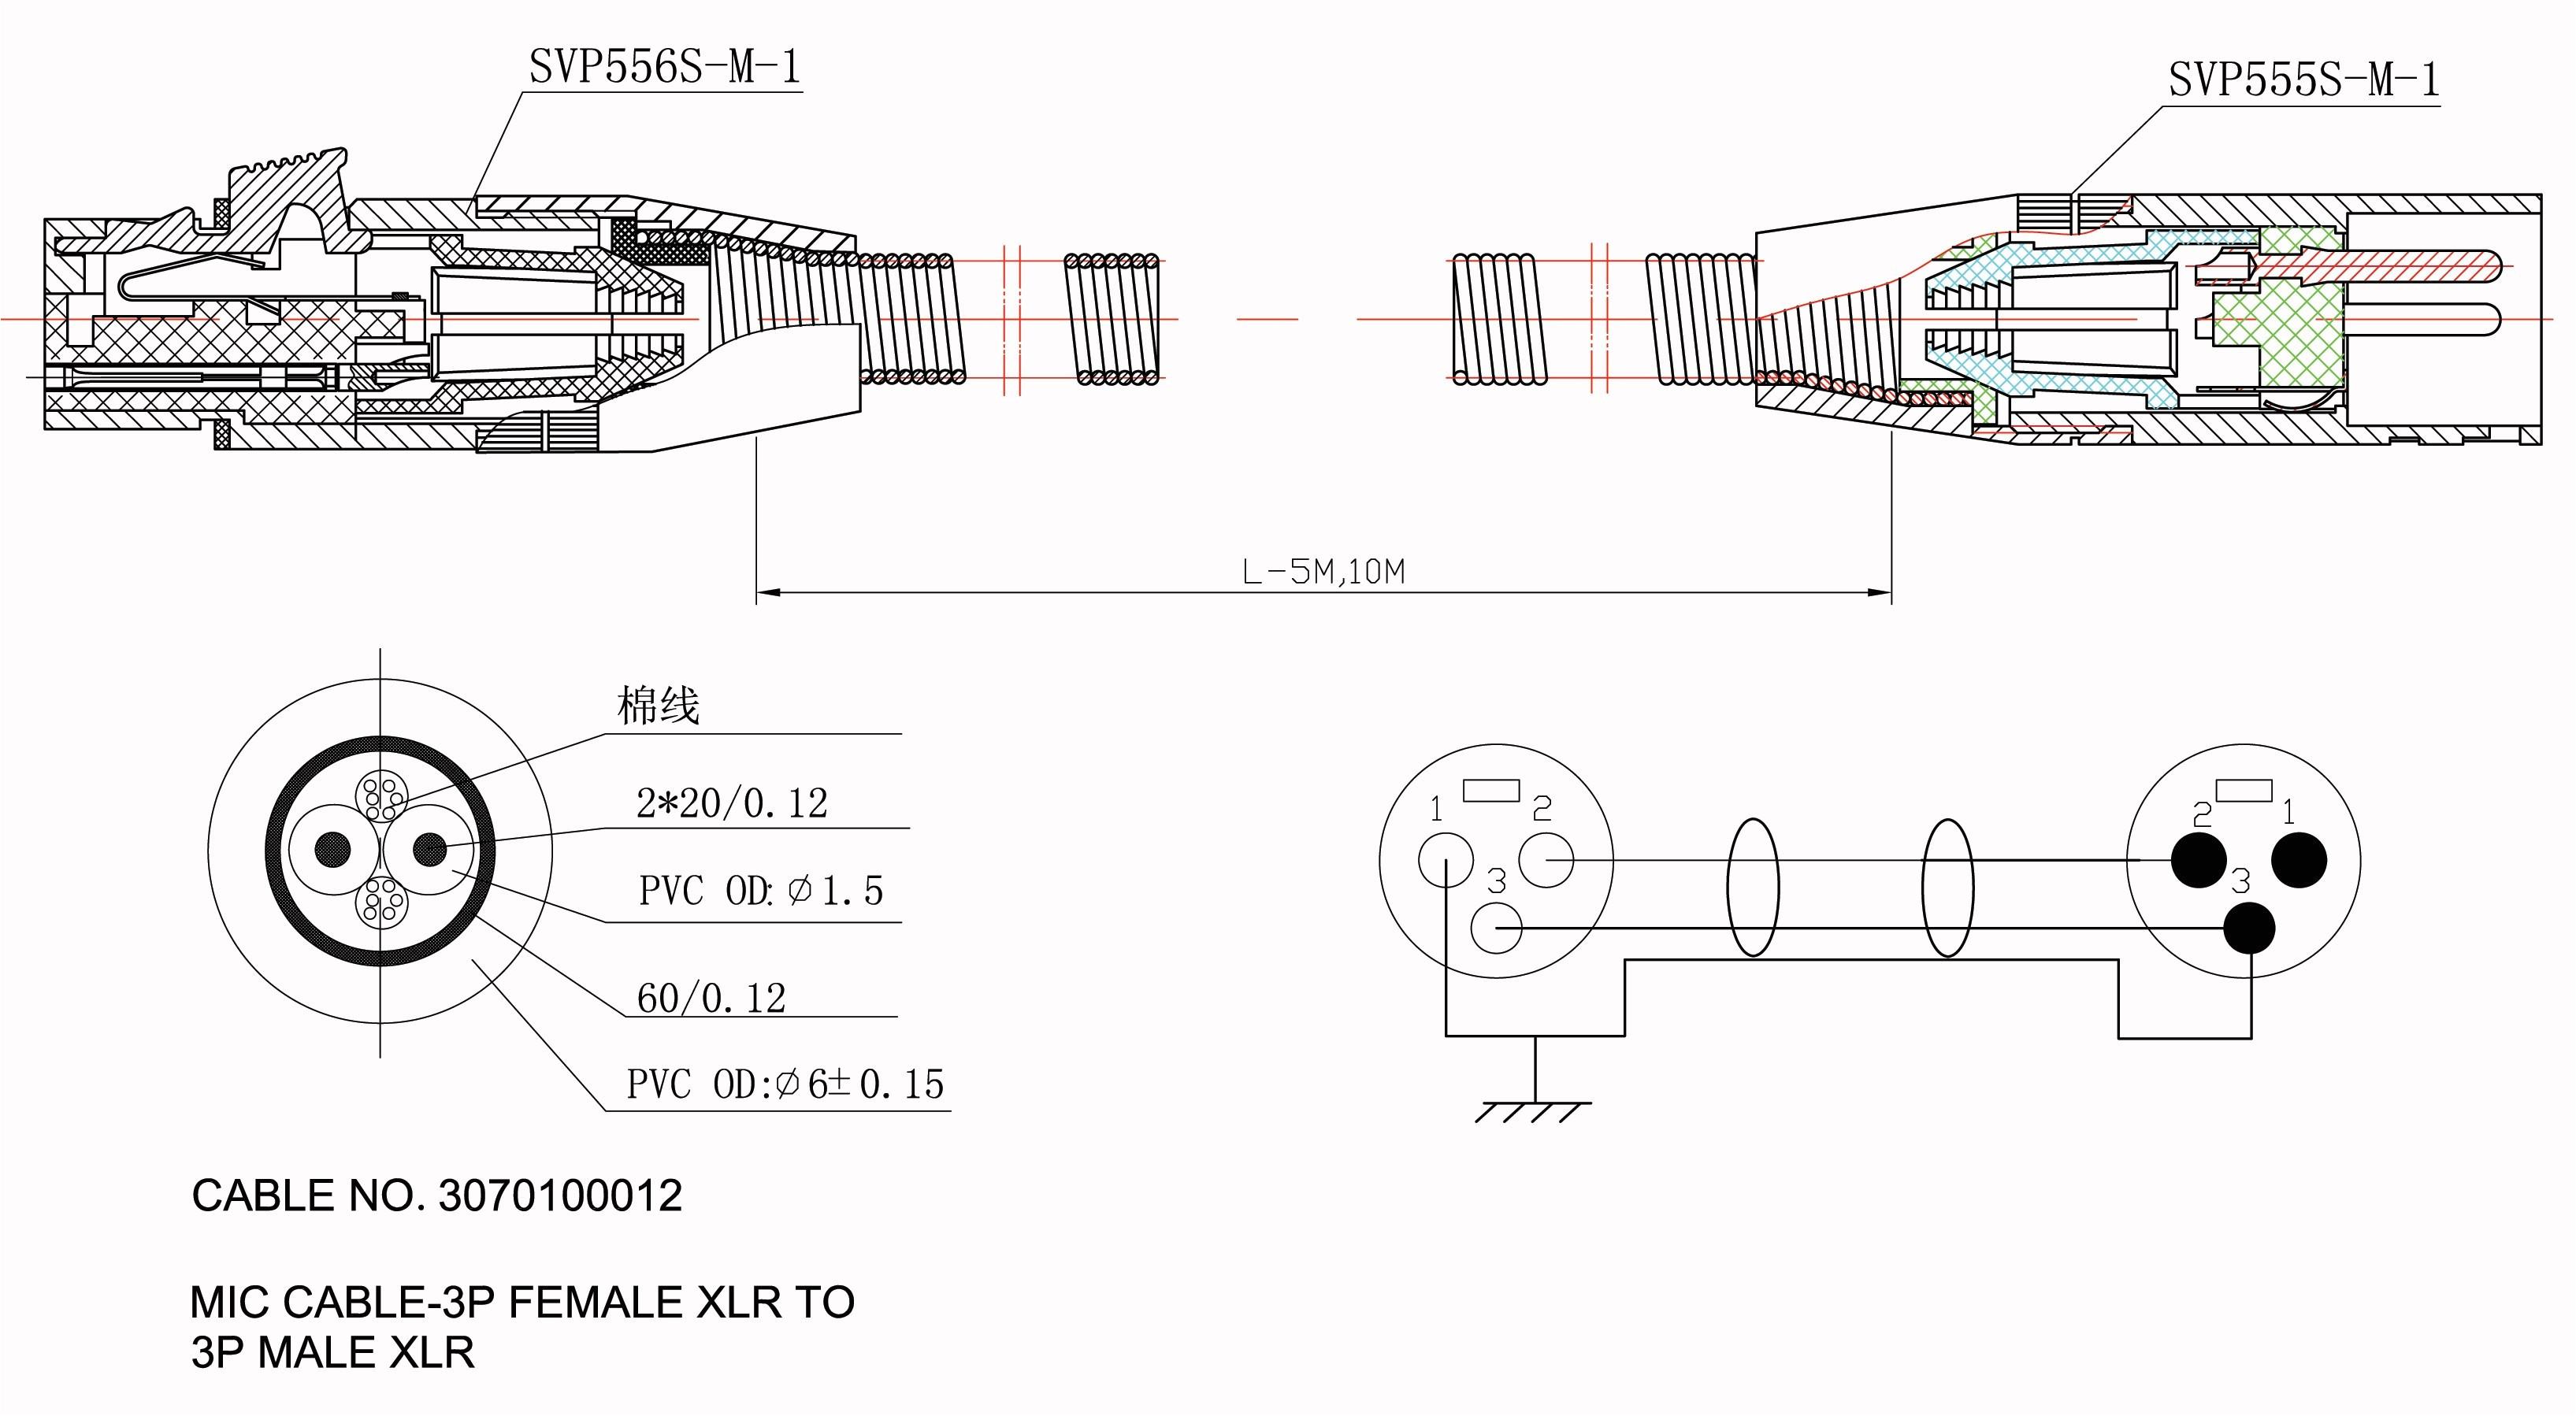 nordyne air handler wiring diagram wiring diagram tappan air handler wiring diagram nordyne air handler wiring